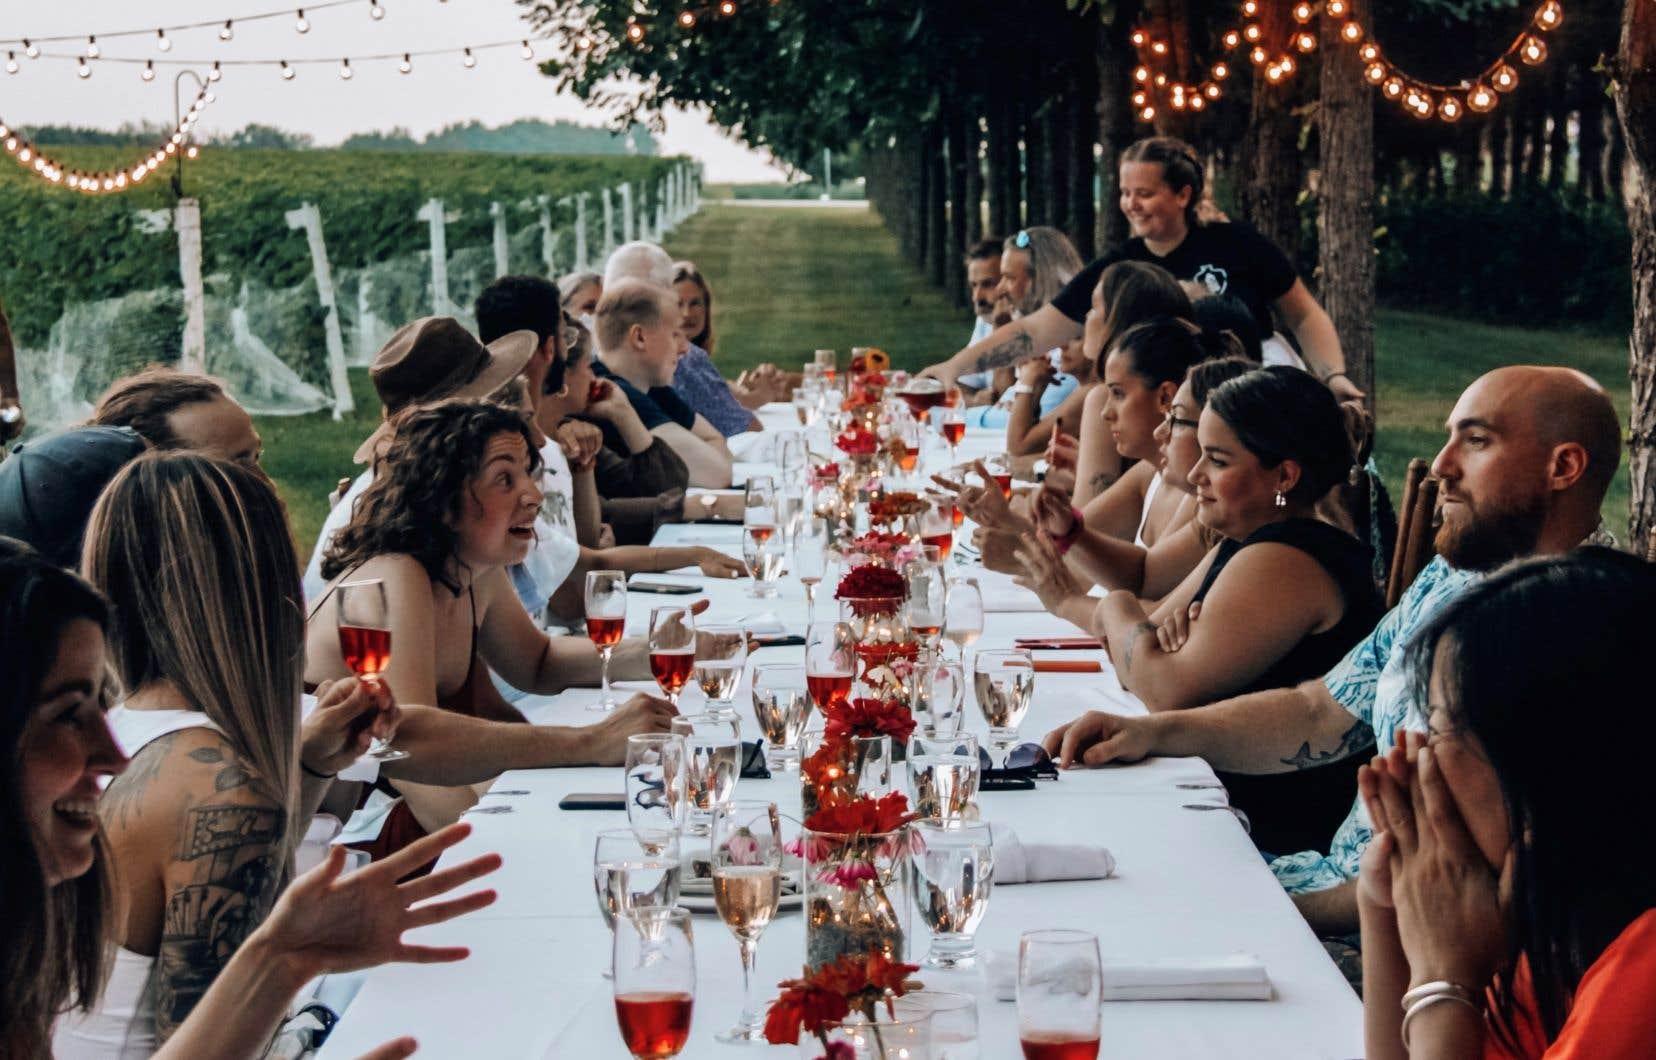 Des artisans du Québec ont conçu la Série gastronomique, qui propose des soupers de haut vol sur des terres agricoles. Sur la photo, on aperçoit celui qui a lieu les 20 et 21 août au Vignoble Saint-Thomas.